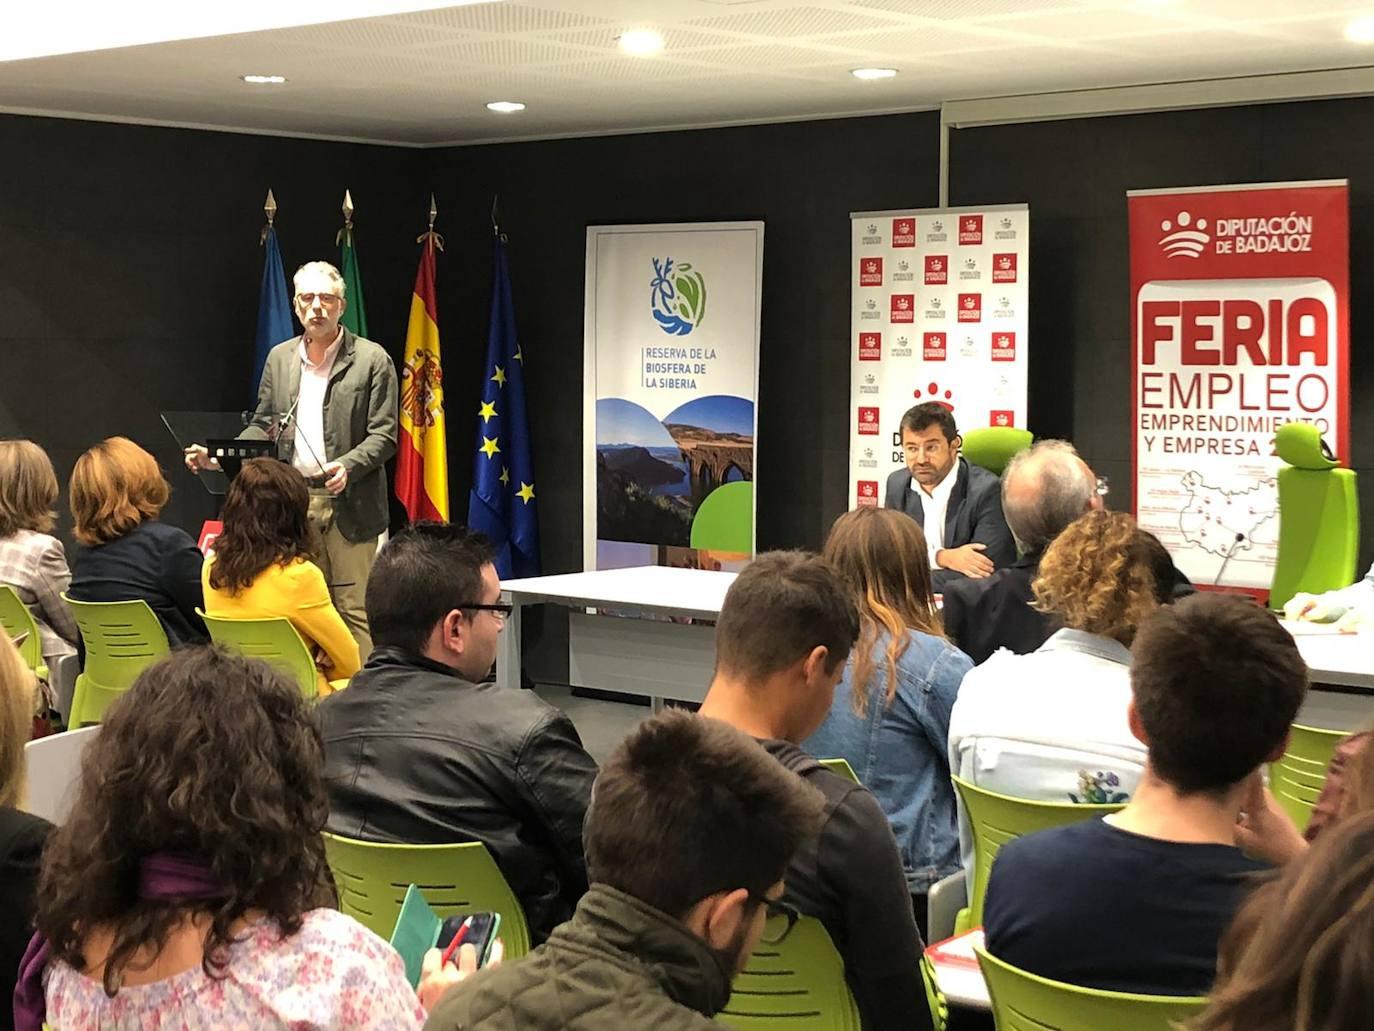 Más de cien personas participaron en la Feria de Empleo, Emprendimiento y Empresa 2019 de Herrera del Duque